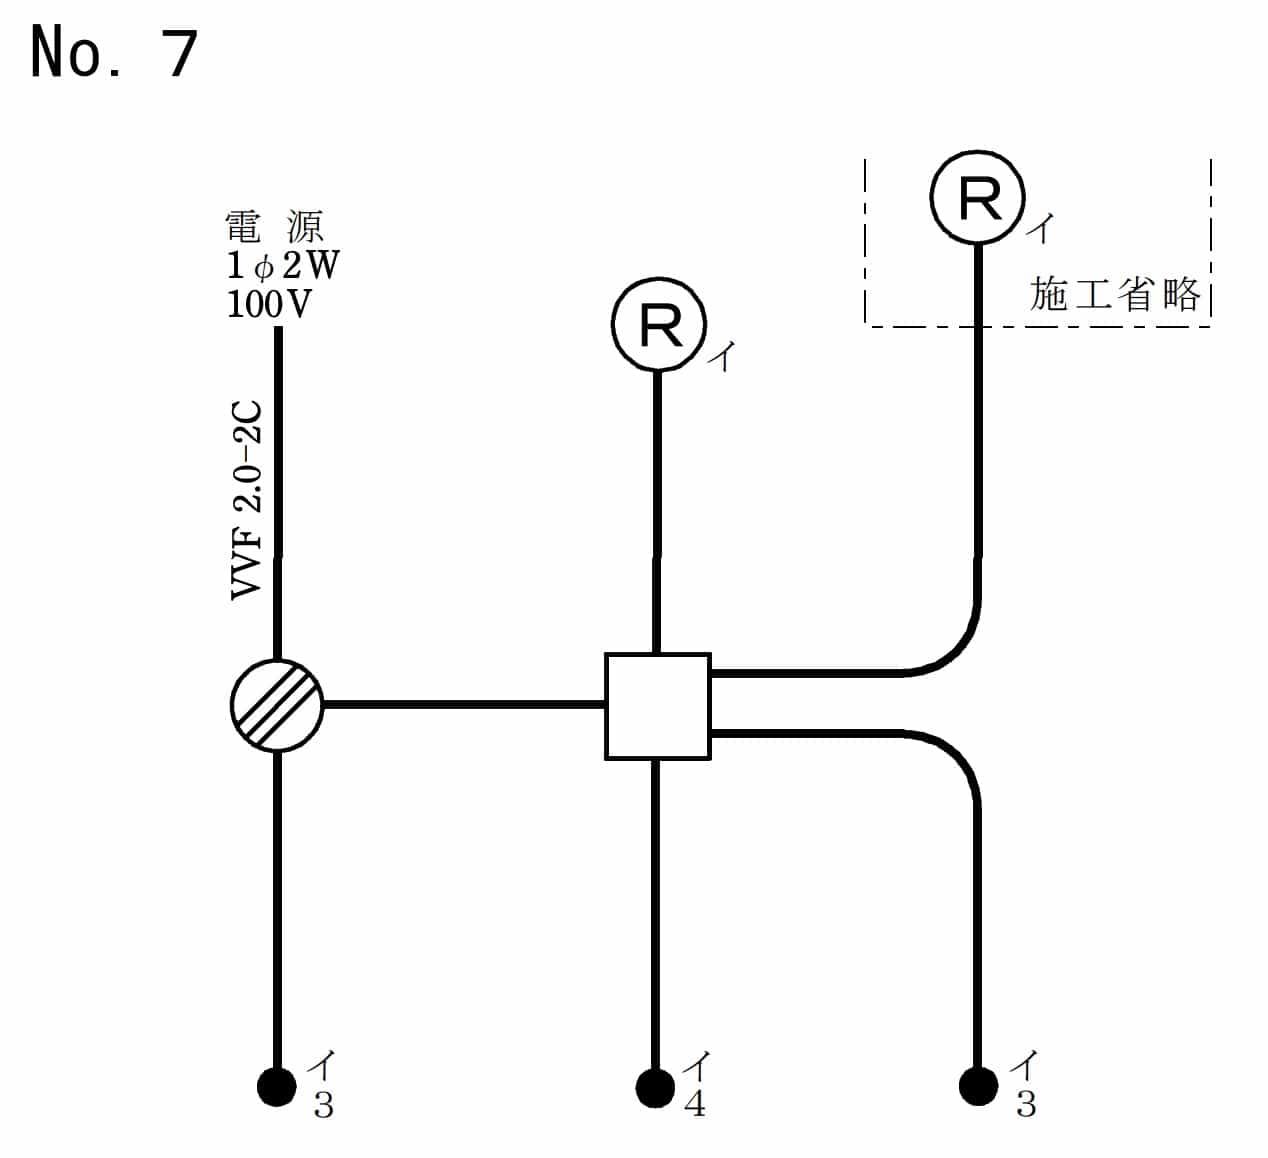 第二種電気工事士の技能試験の候補問題No.7